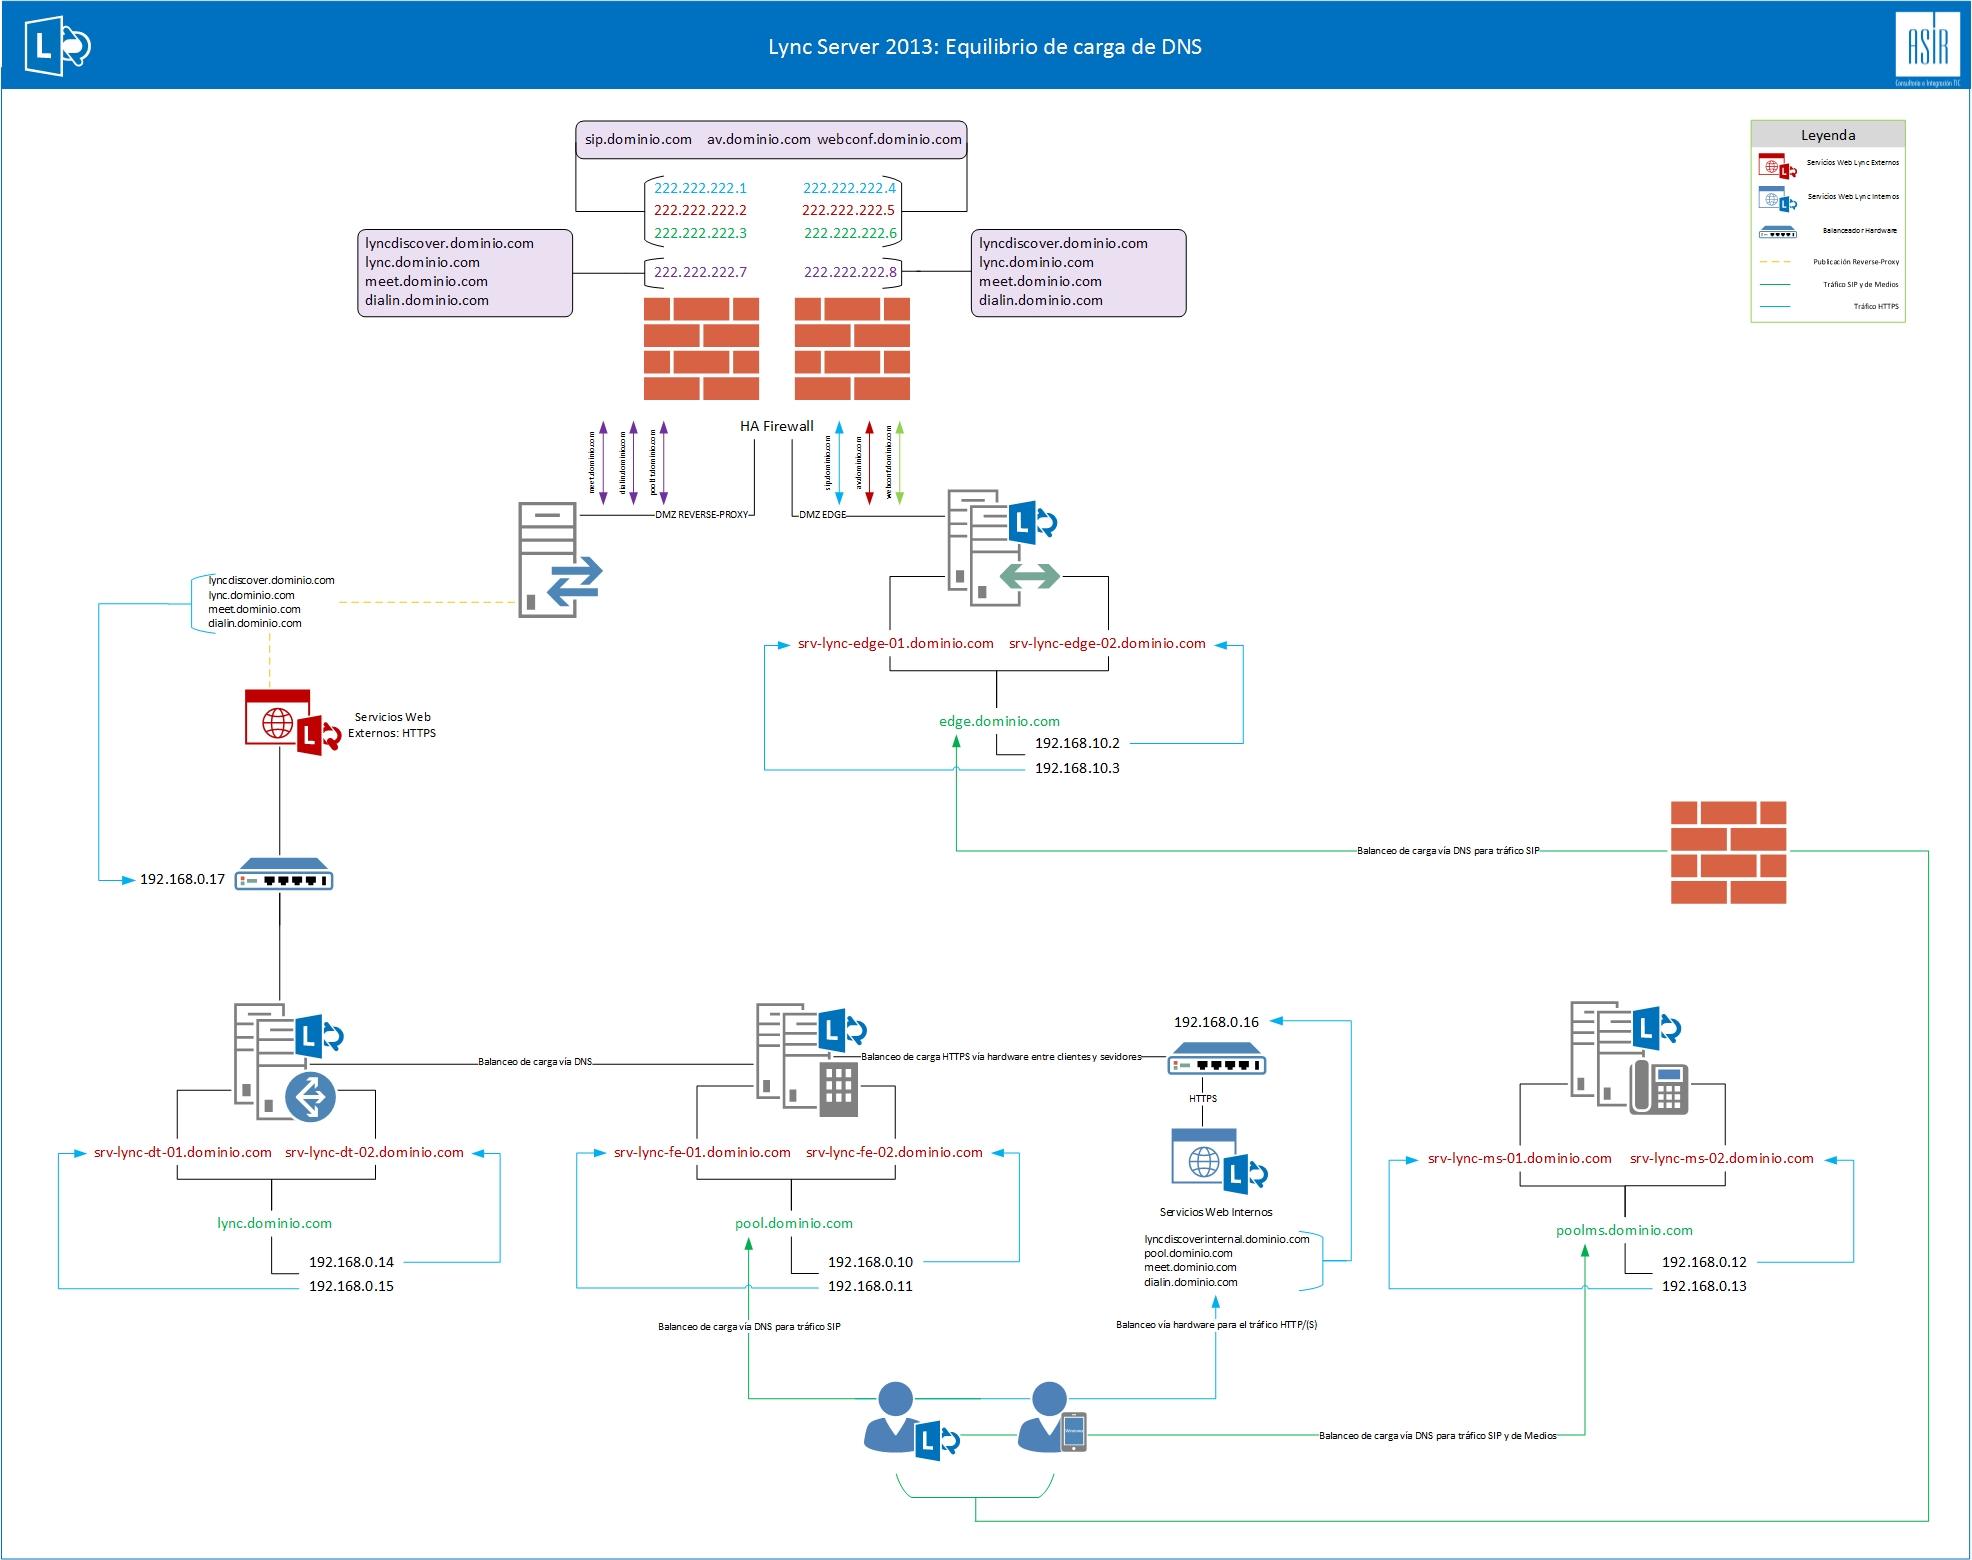 DNS_Lync_Alta_Disponibilidad.jpg